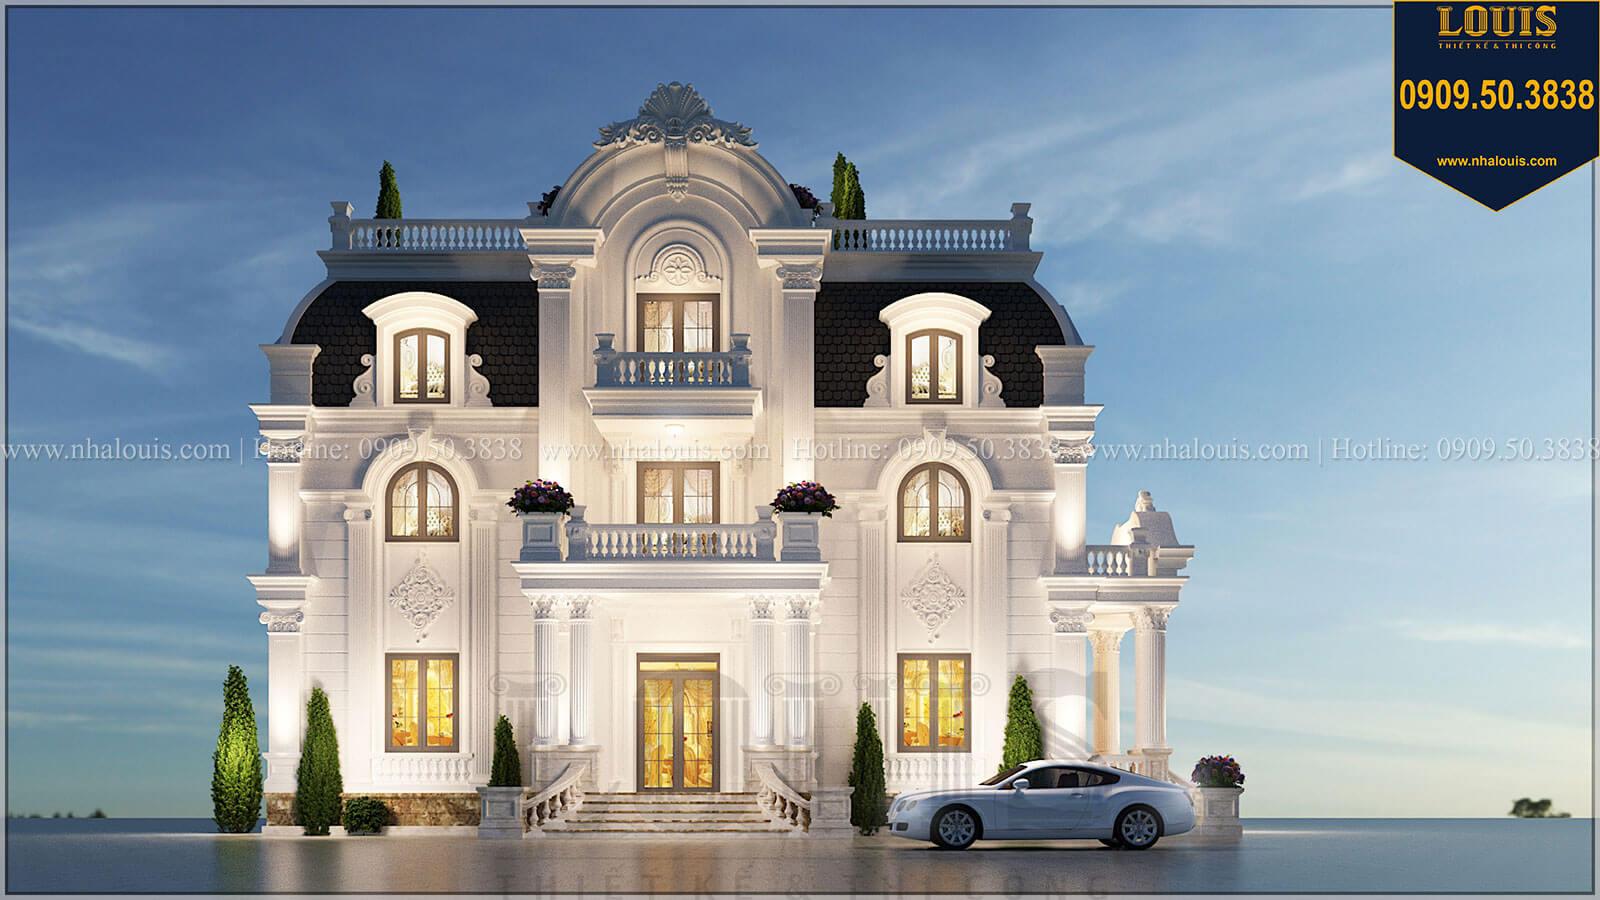 Biệt thự 4 tầng tân cổ điển đẹp lộng lẫy tại Nha Trang - 01